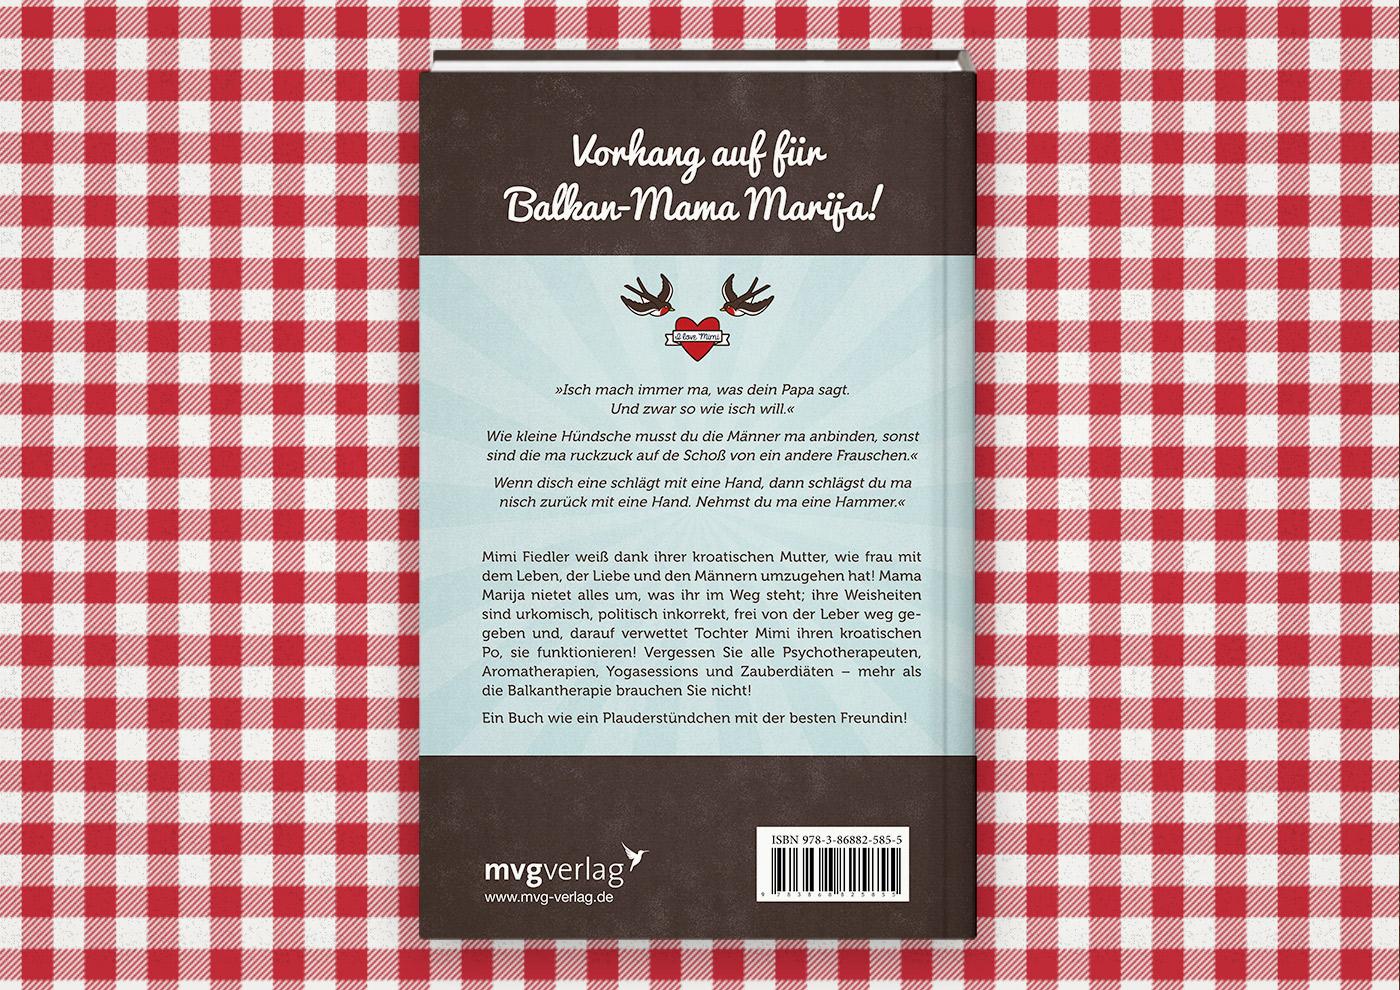 Rückseite mit Klappentext für das Buch Brauchsu keine Doktor, brauchsu nur diese Buch – Die Balkantherapie für Liebe, Leib und Leben von Mimi Fiedler im MVG Verlag